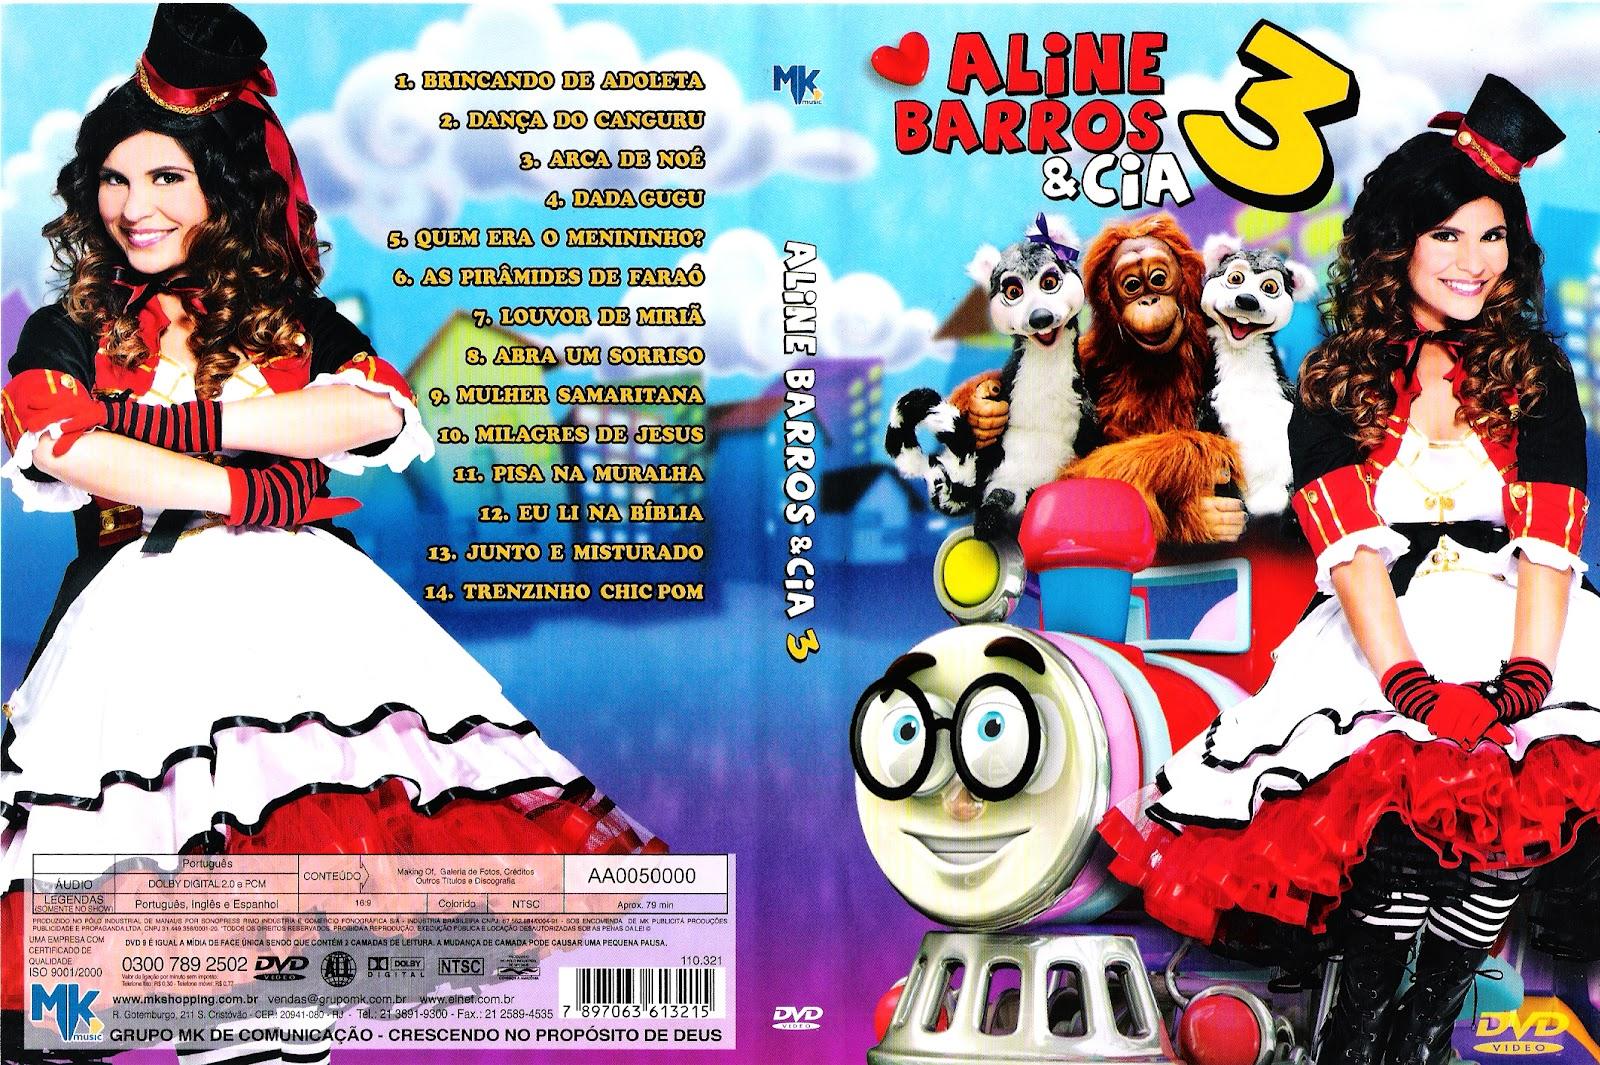 aline barros e cia 3 dvd avi